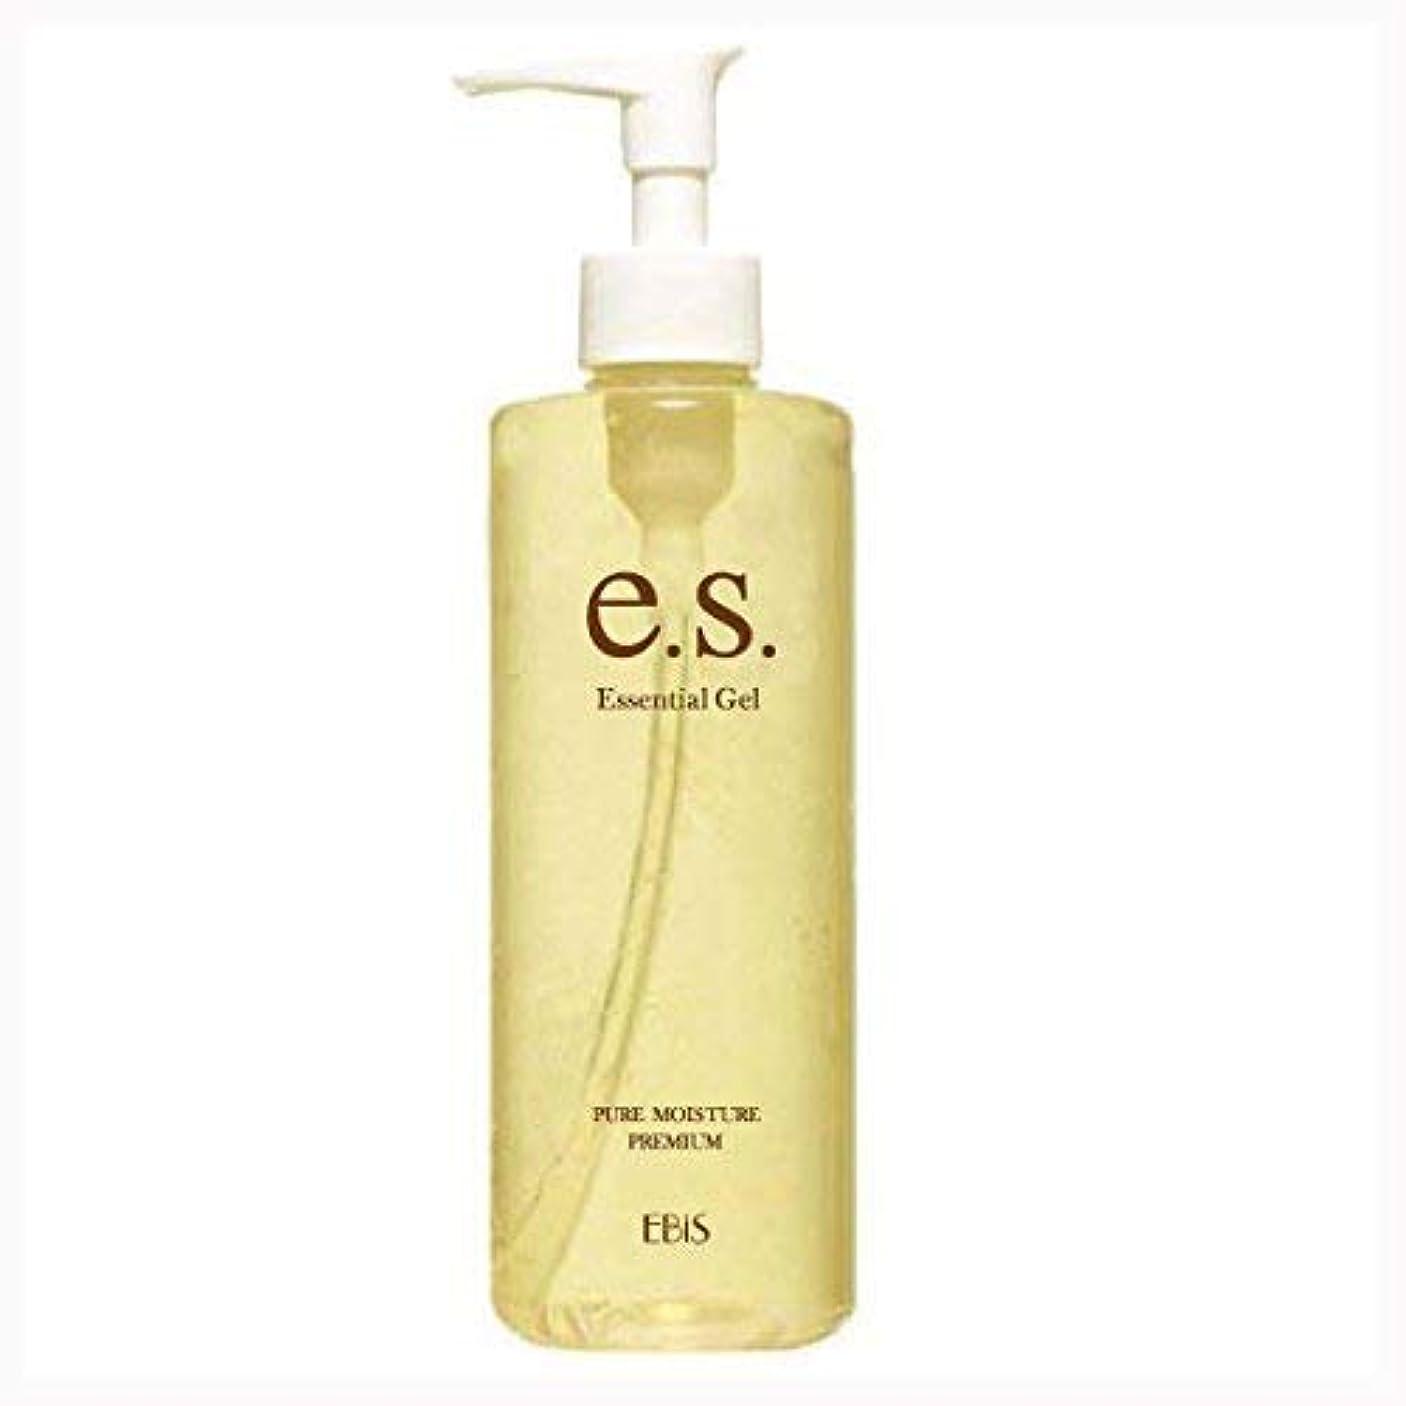 美容師チップ密エビス化粧品(EBiS) イーエスエッセンシャルジェル (310g) 美顔器ジェル 無添加処方 アルコールフリー 日本製 男女兼用 保湿ジェル